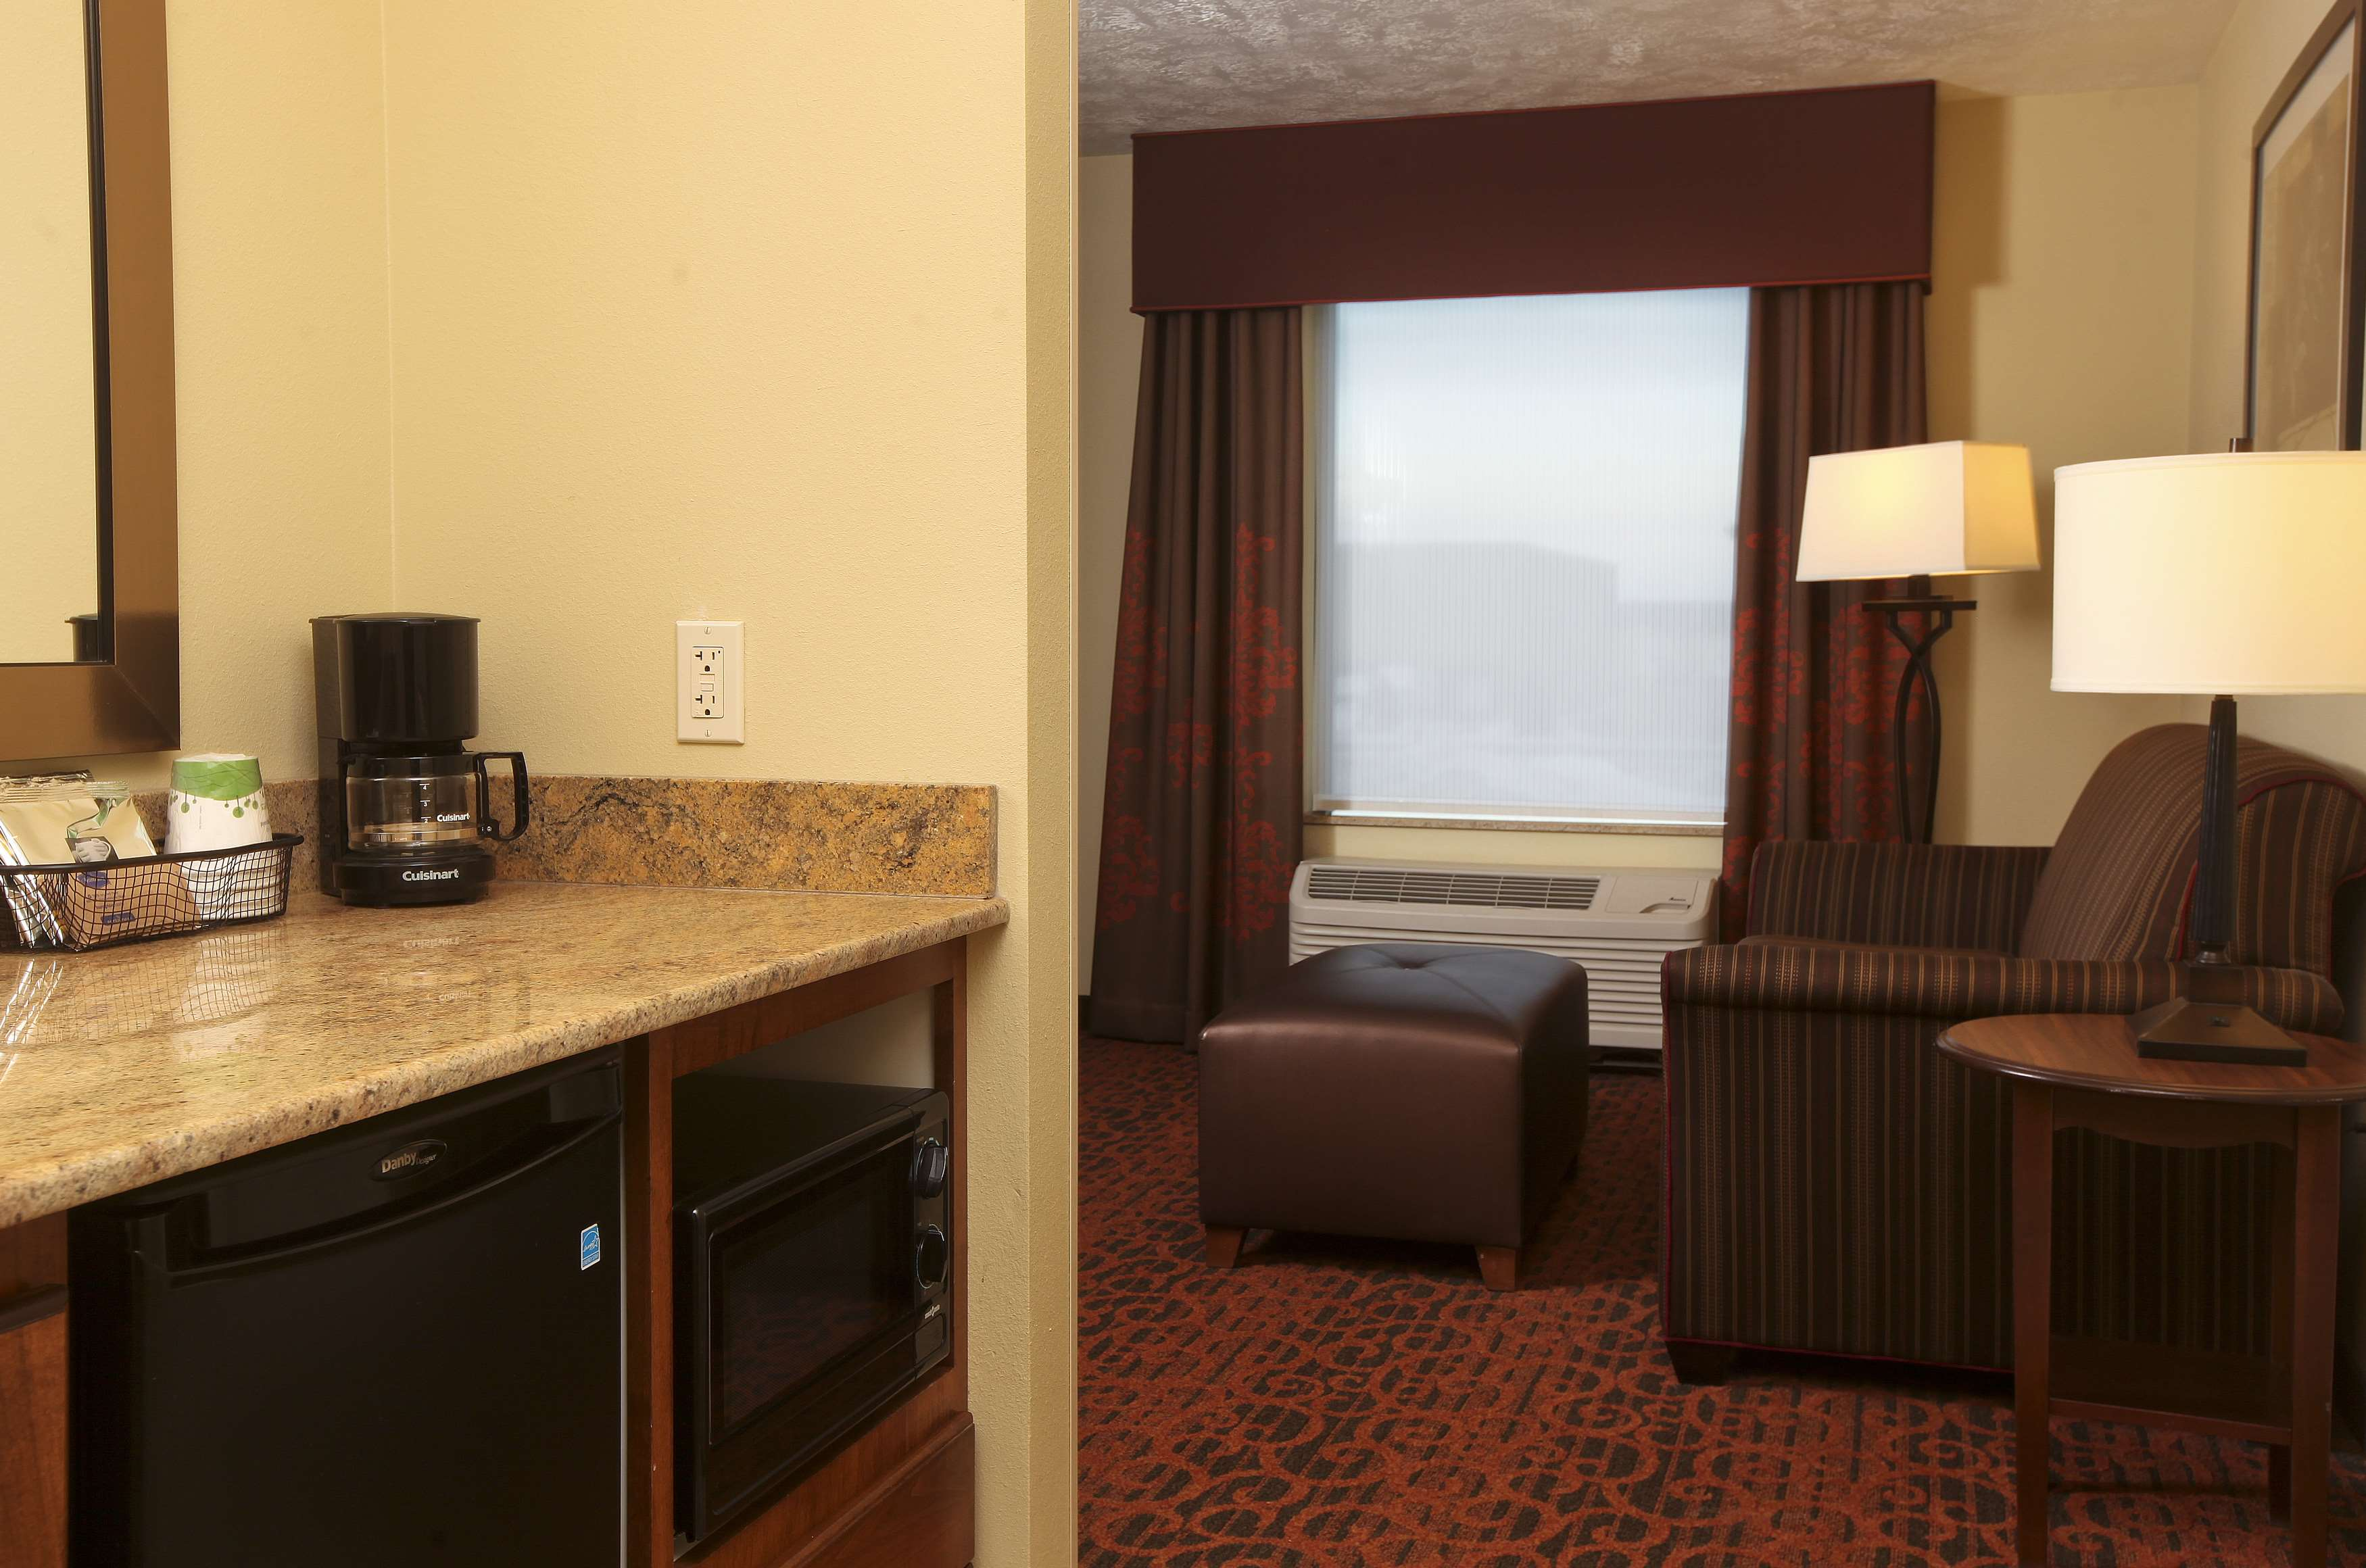 Hampton Inn & Suites Fargo image 16